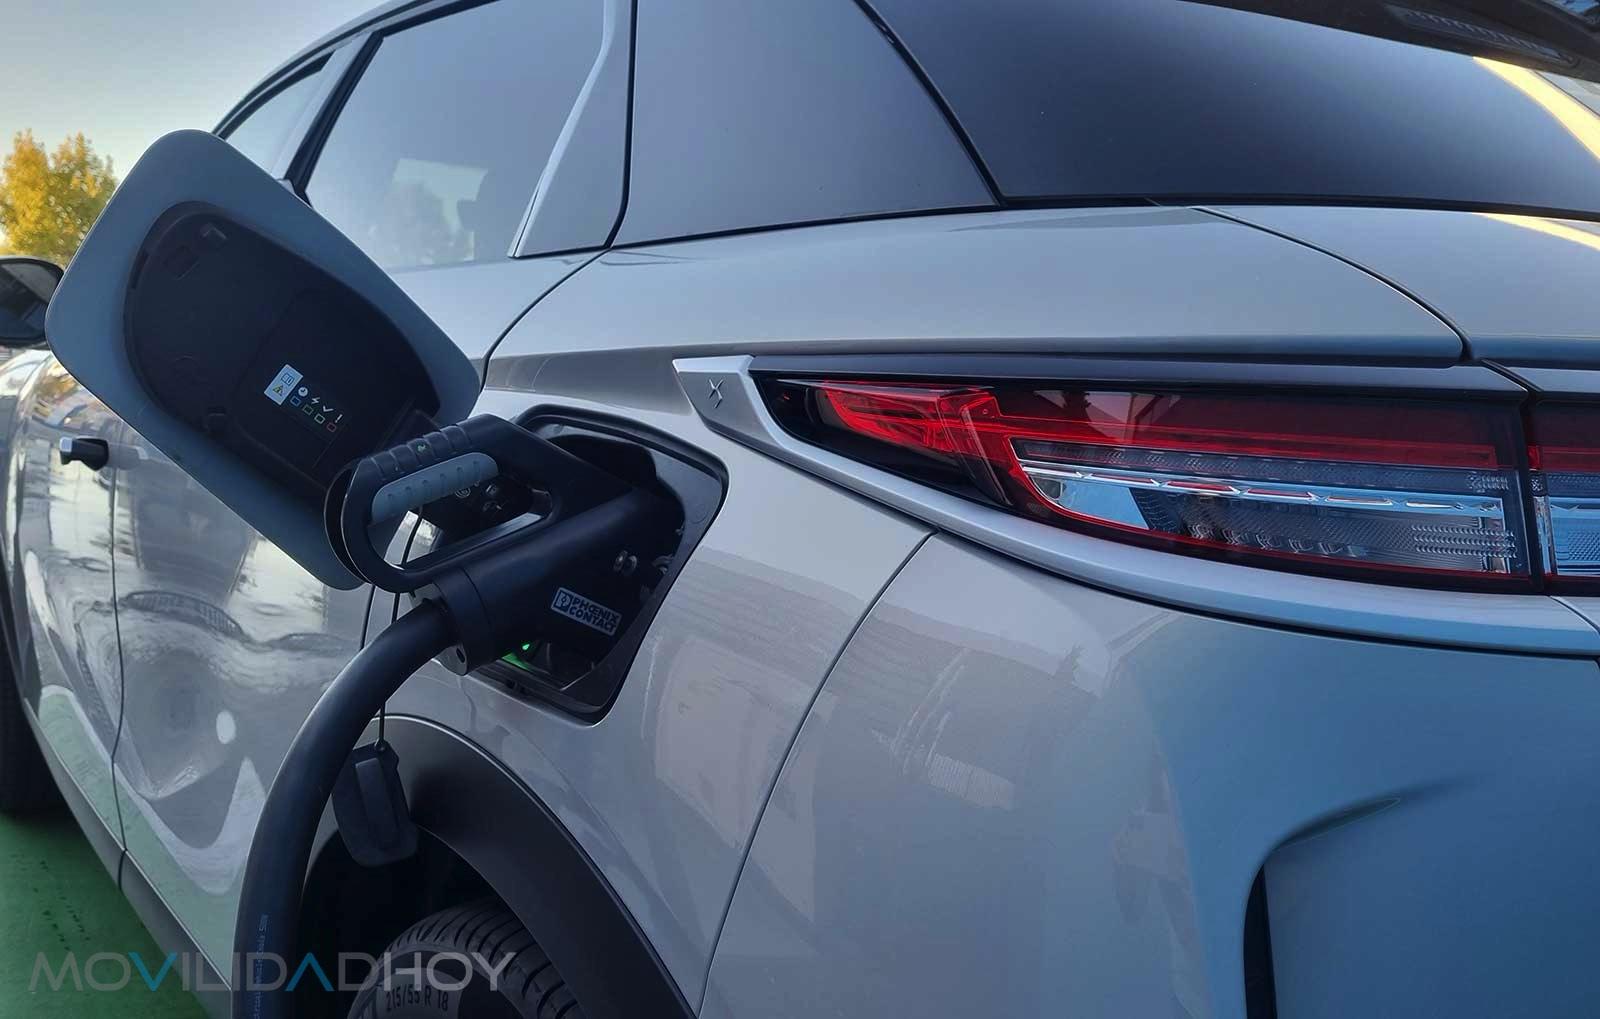 Cómo afecta la subida de la luz a la recarga del coche eléctrico